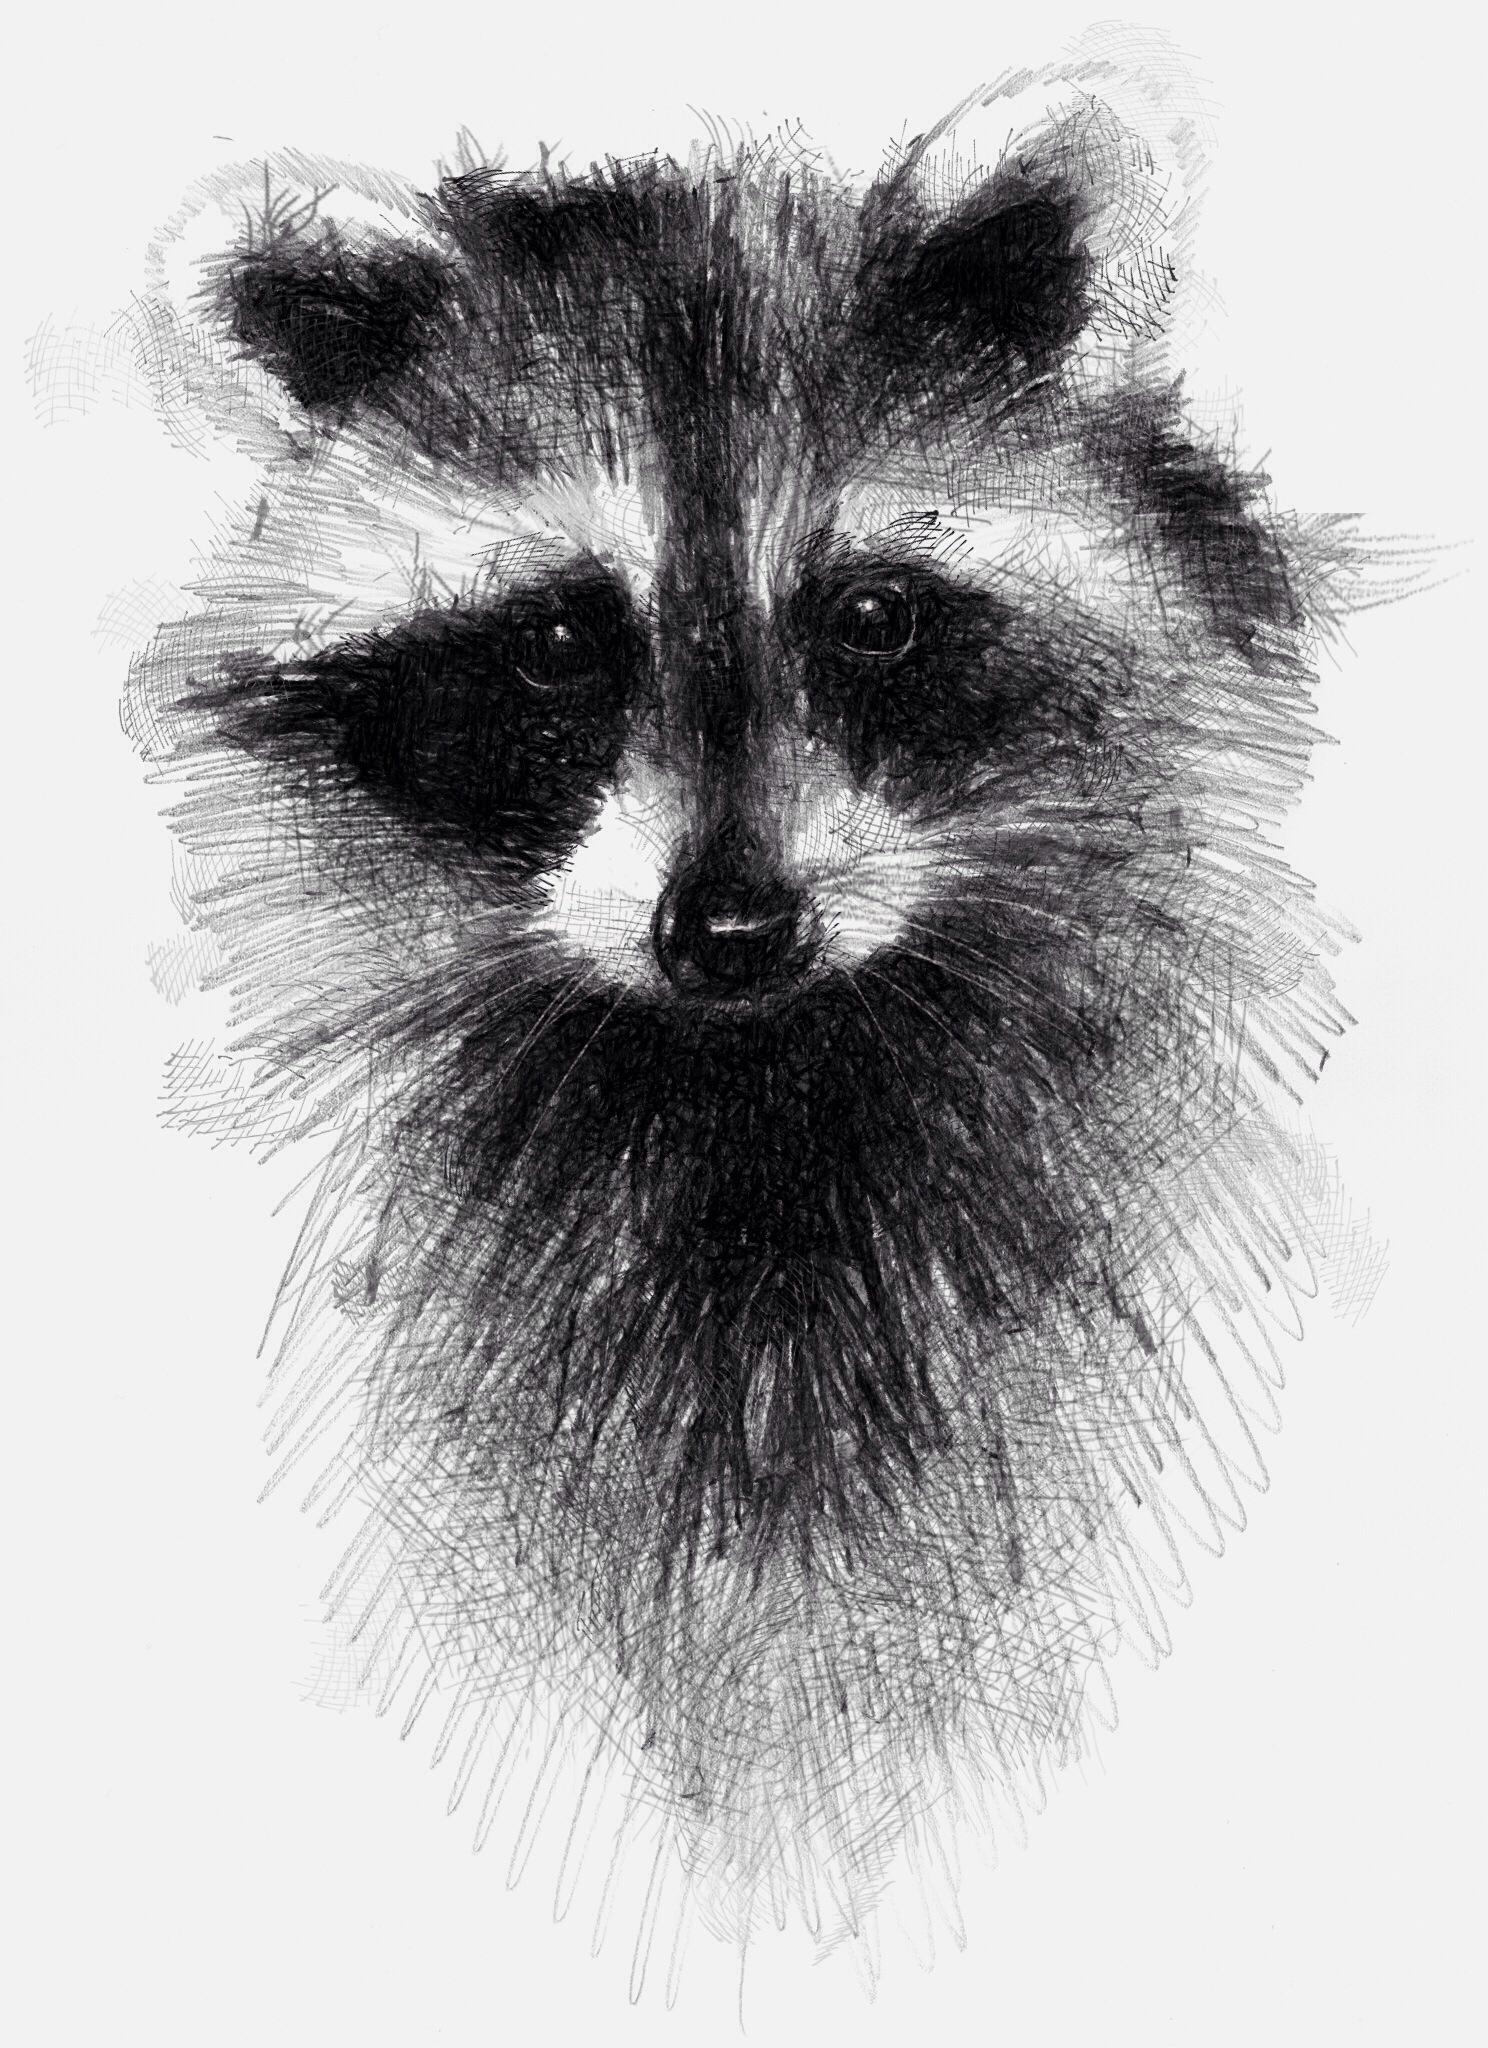 Drawn racoon sketch Racoon digital drawings Racoon with